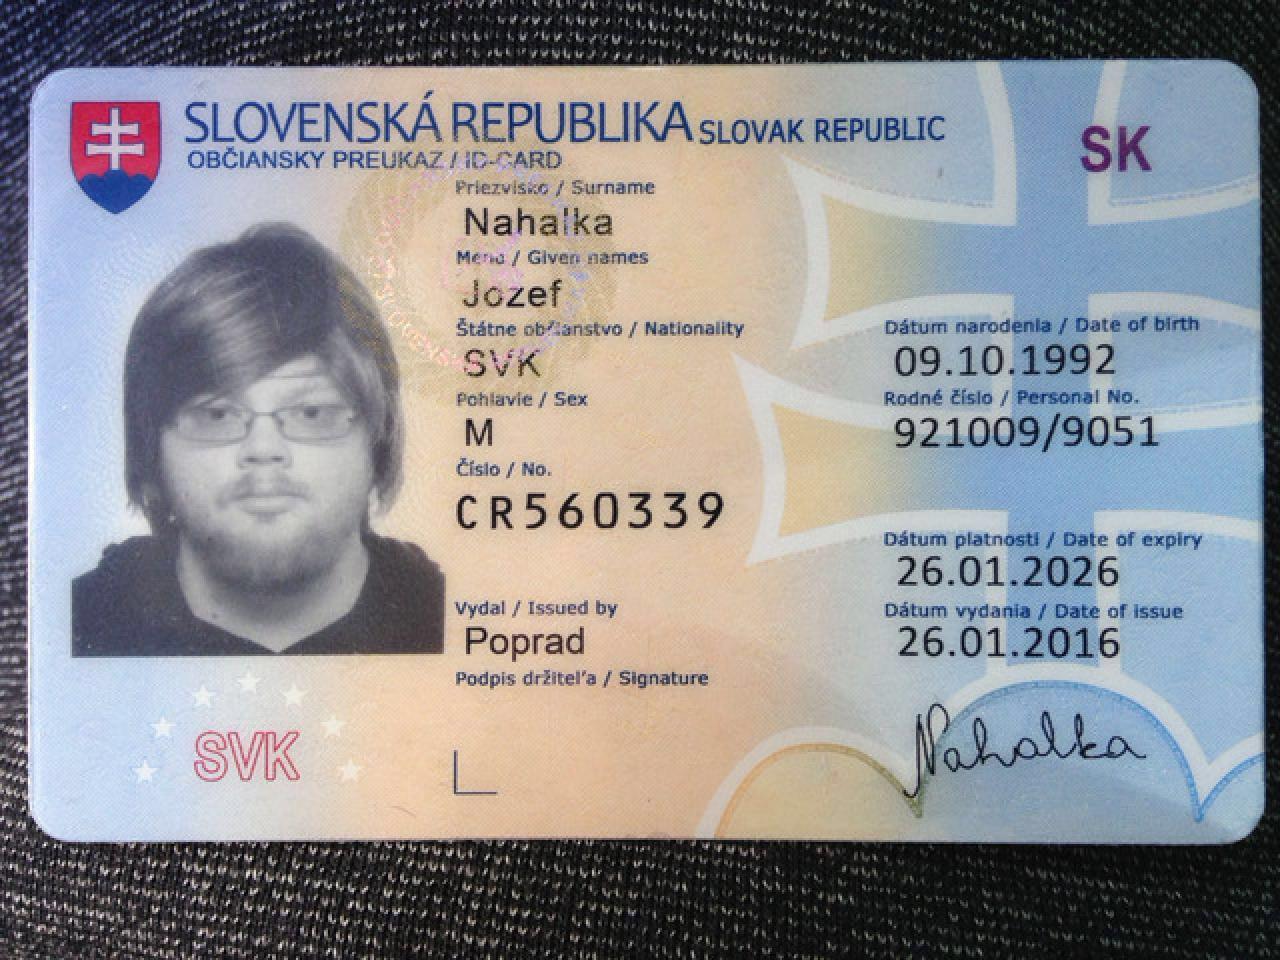 Занимаемся изготовлением ID карт и водительских удостоверений - 2